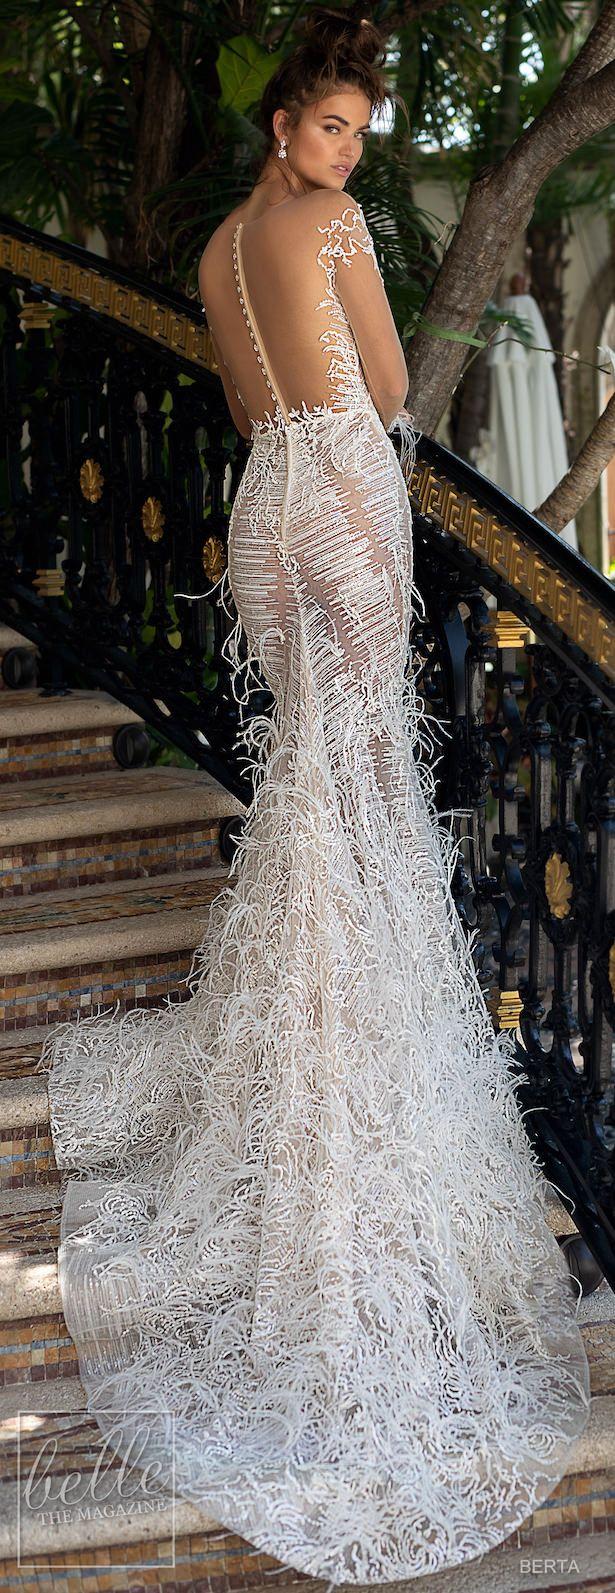 42e1cbedd1 BERTA Spring 2019 Wedding Dress Miami Bridal Collection. Encuentra este Pin  y muchos más en vestidos de novia ...